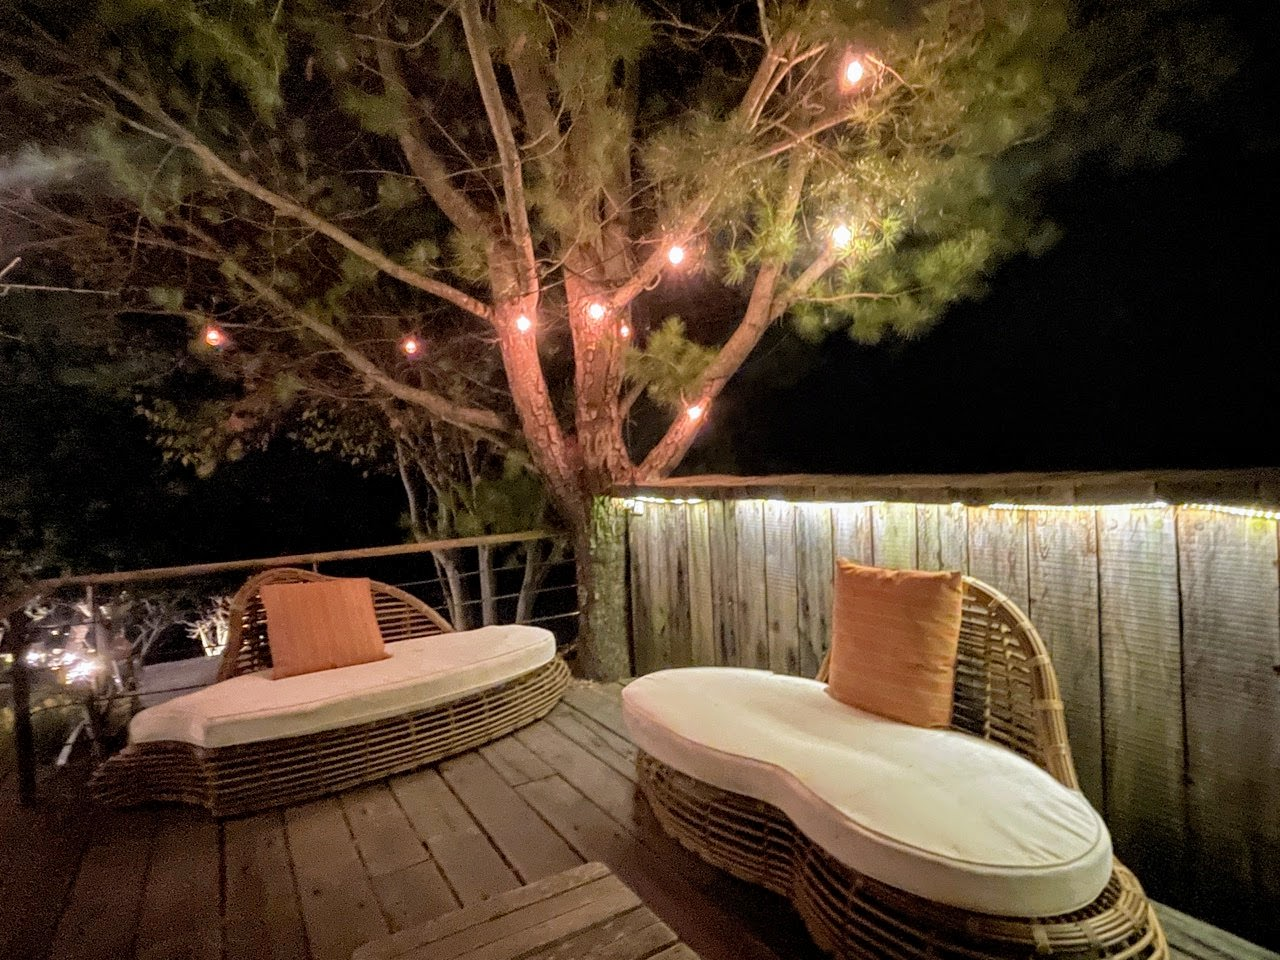 印象北歐莊園俱樂部。南投清境的歐式度假民宿|無邊際泳池搭配絕美山景好chill